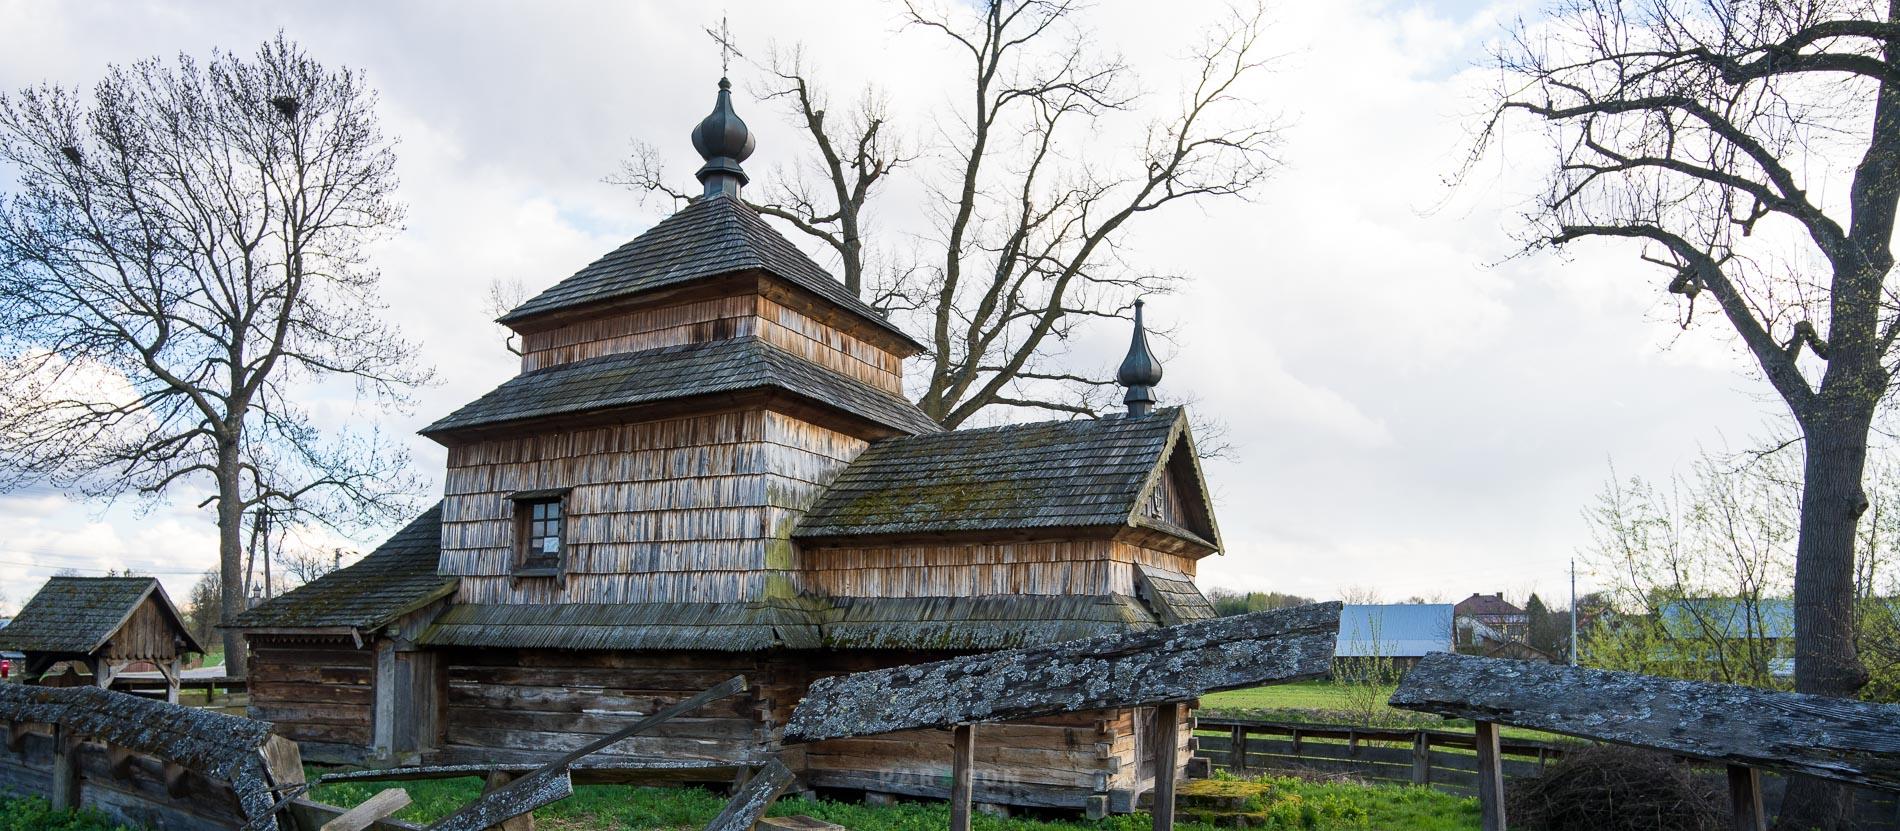 Drewnem i kamieniem. Najciekawsze smaczki polsko-ukraińskiego pogranicza